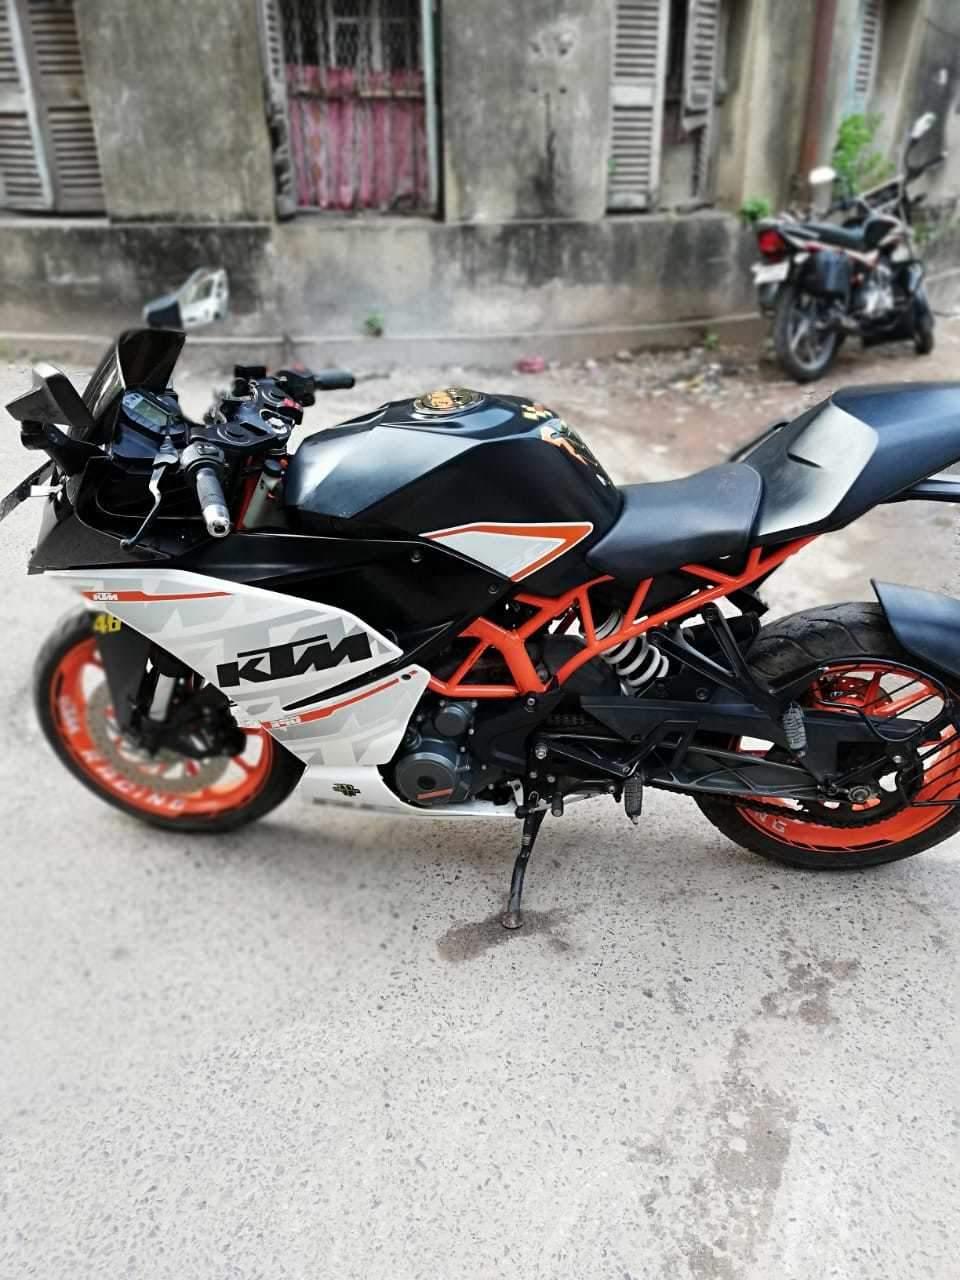 Used Ktm Rc 390 Bike In Kolkata 2017 Model India At Best Price Id 40594